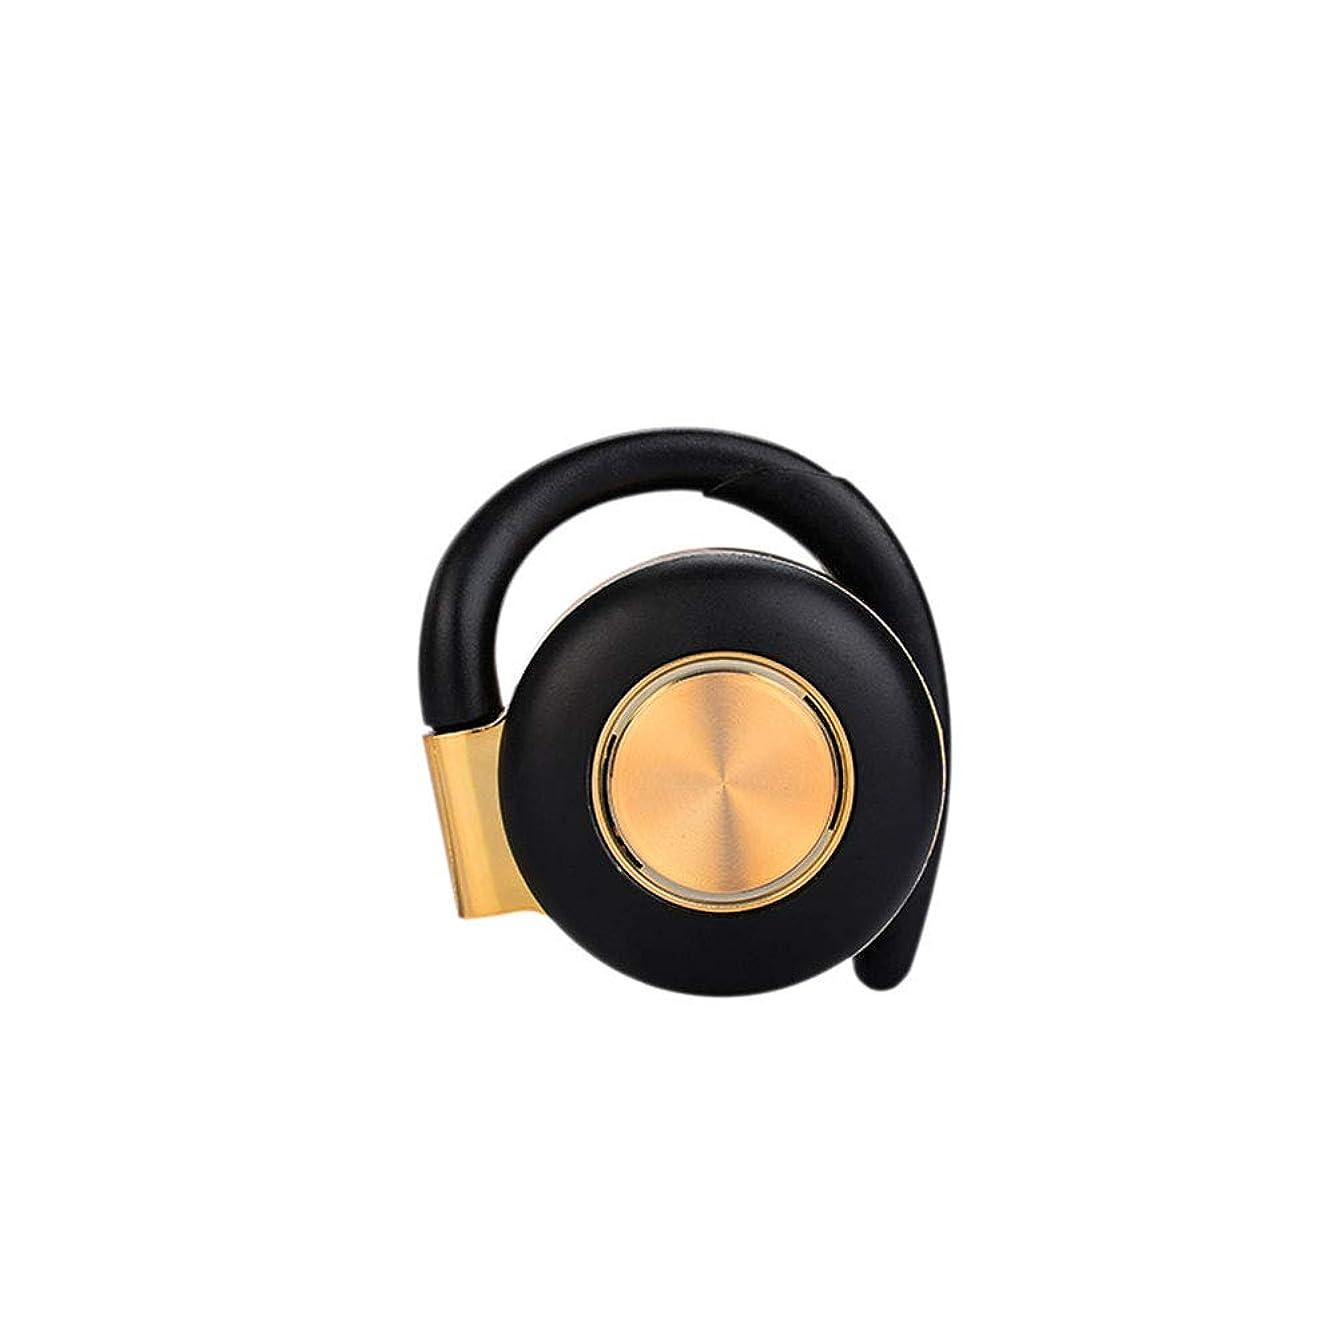 恥ずかしいファンネルウェブスパイダー投資Hongfei Bluetoothワイヤレスヘッドセット ポータブル Bluetoothヘッドフォン with ステレオ ハンズフリー 騒音低減 携帯電話